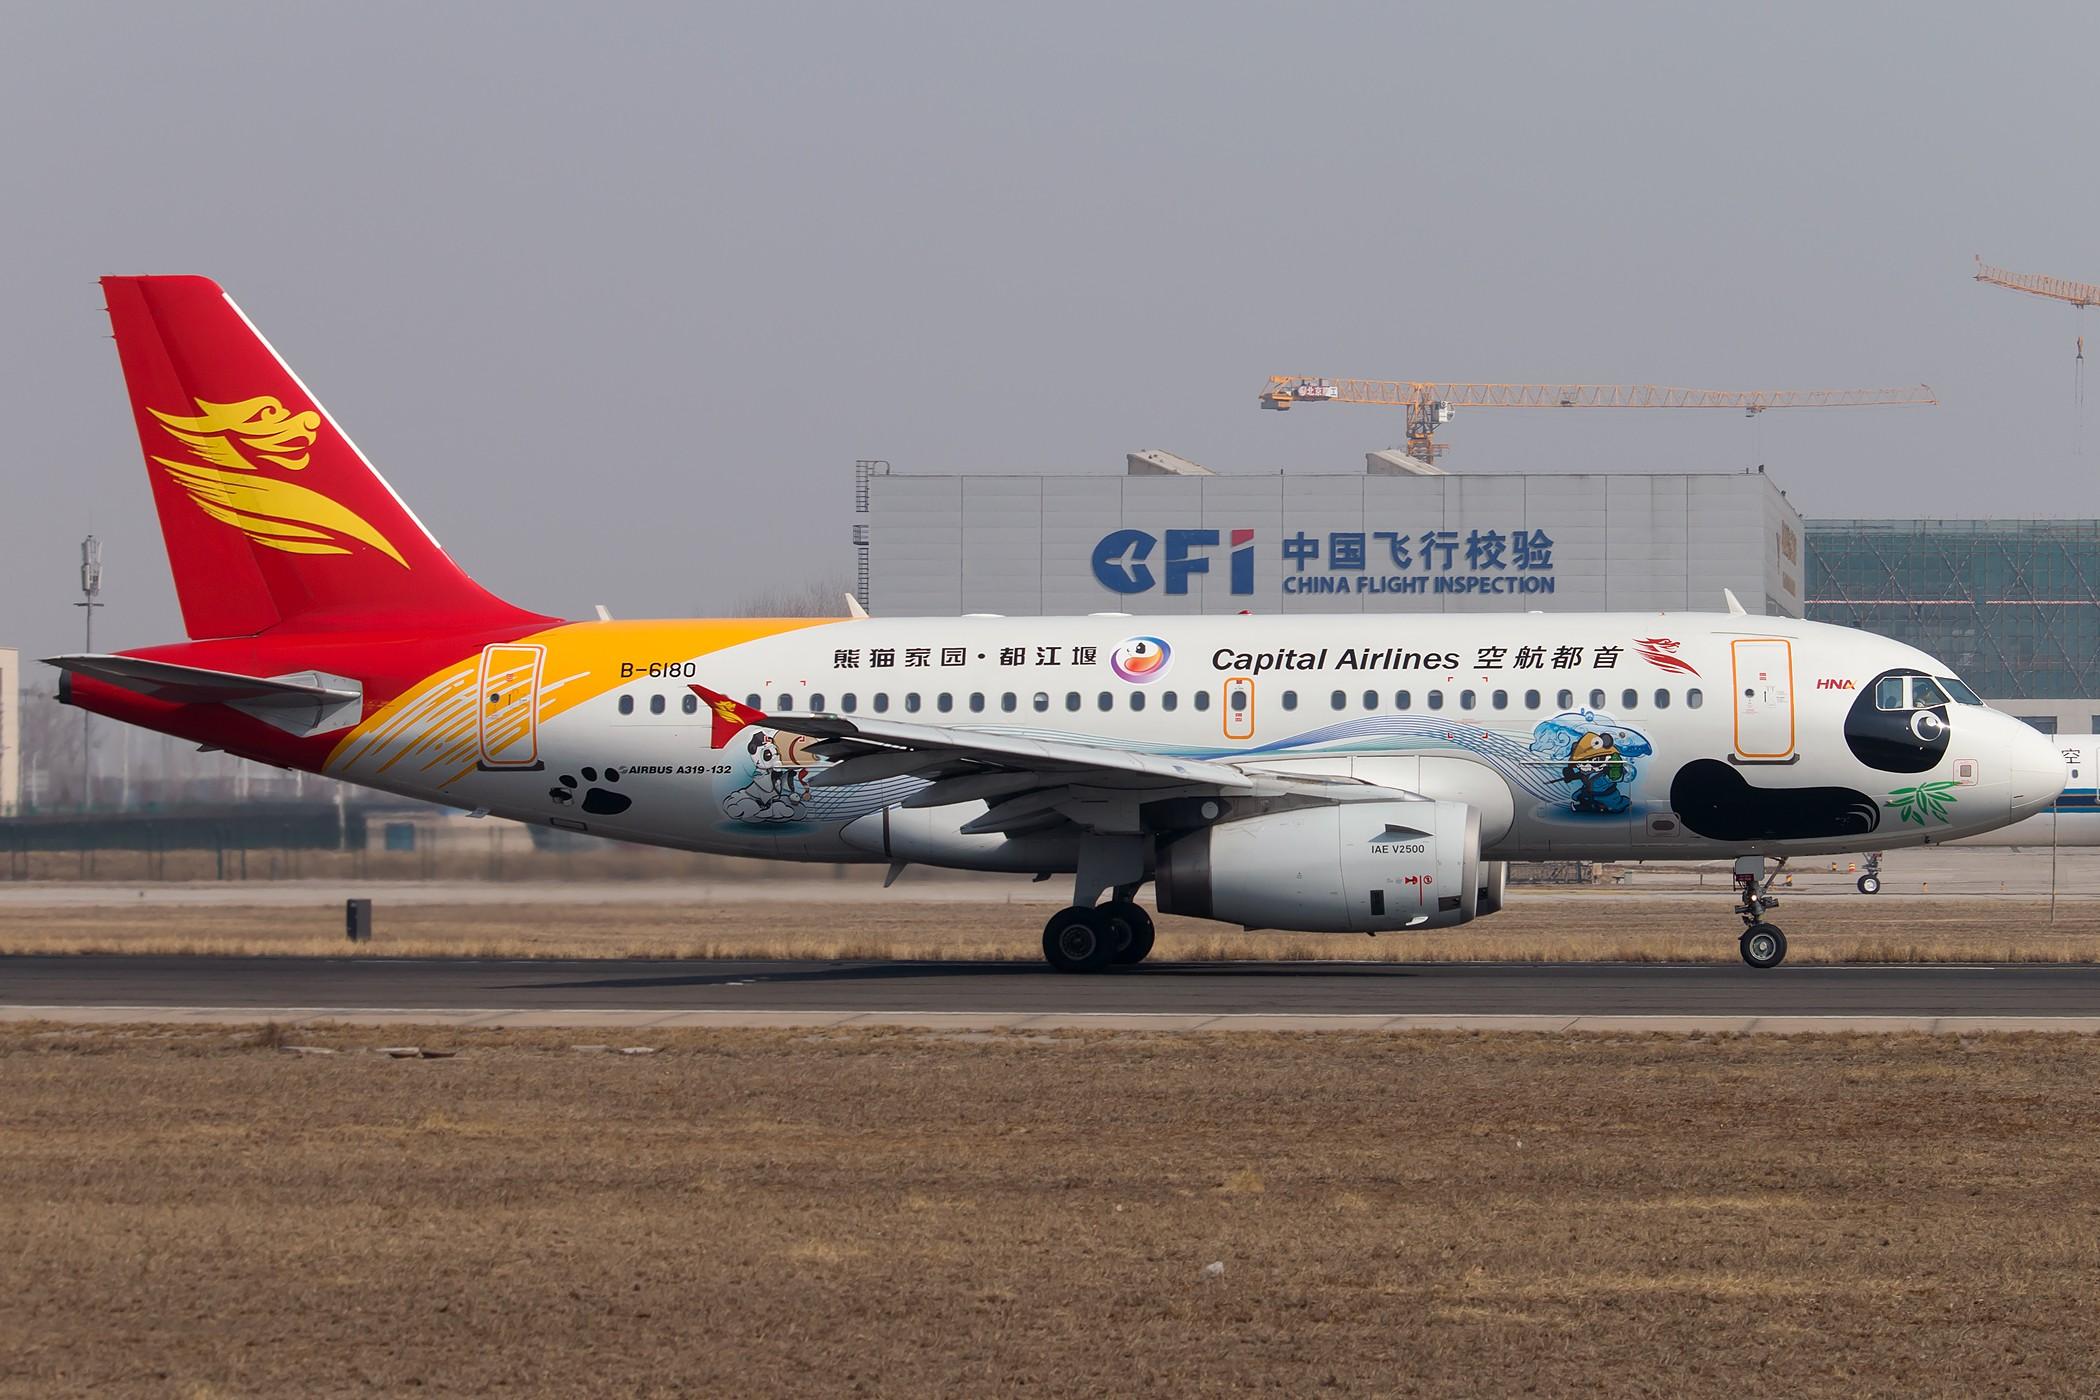 [原创][一图党]首都航空 B-6180 熊猫家园都江堰彩绘机 2100*1400 AIRBUS A319-100 B-6180 中国北京首都国际机场